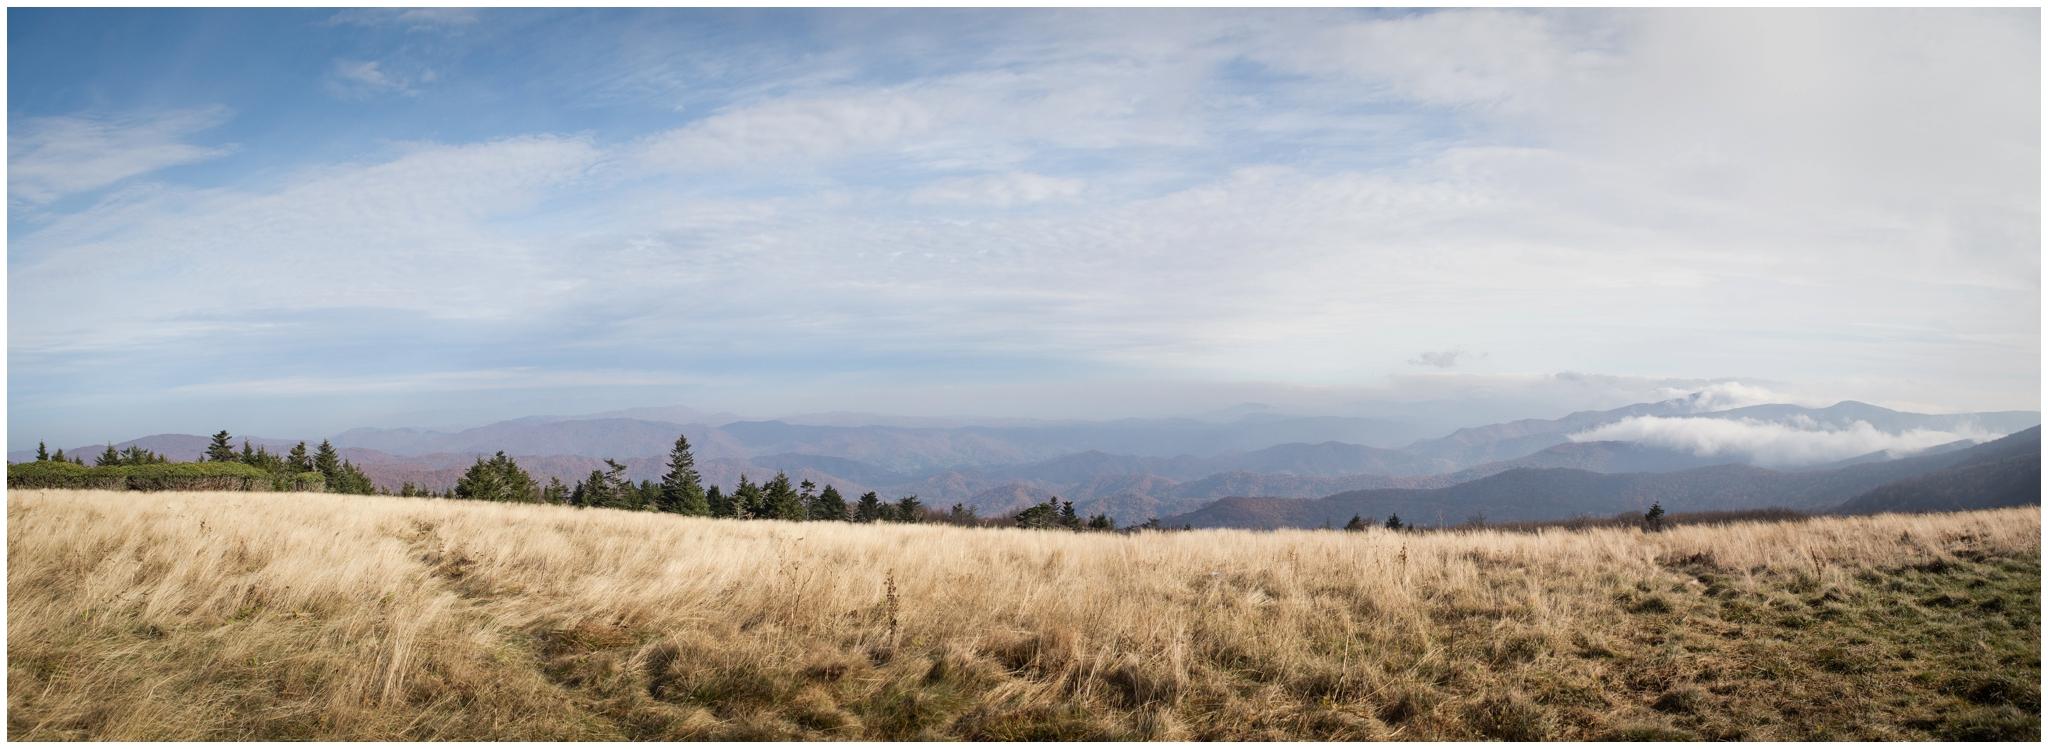 roan-mountain-carvers-gap-appalachian-trail-katy-sergent_0024.jpg